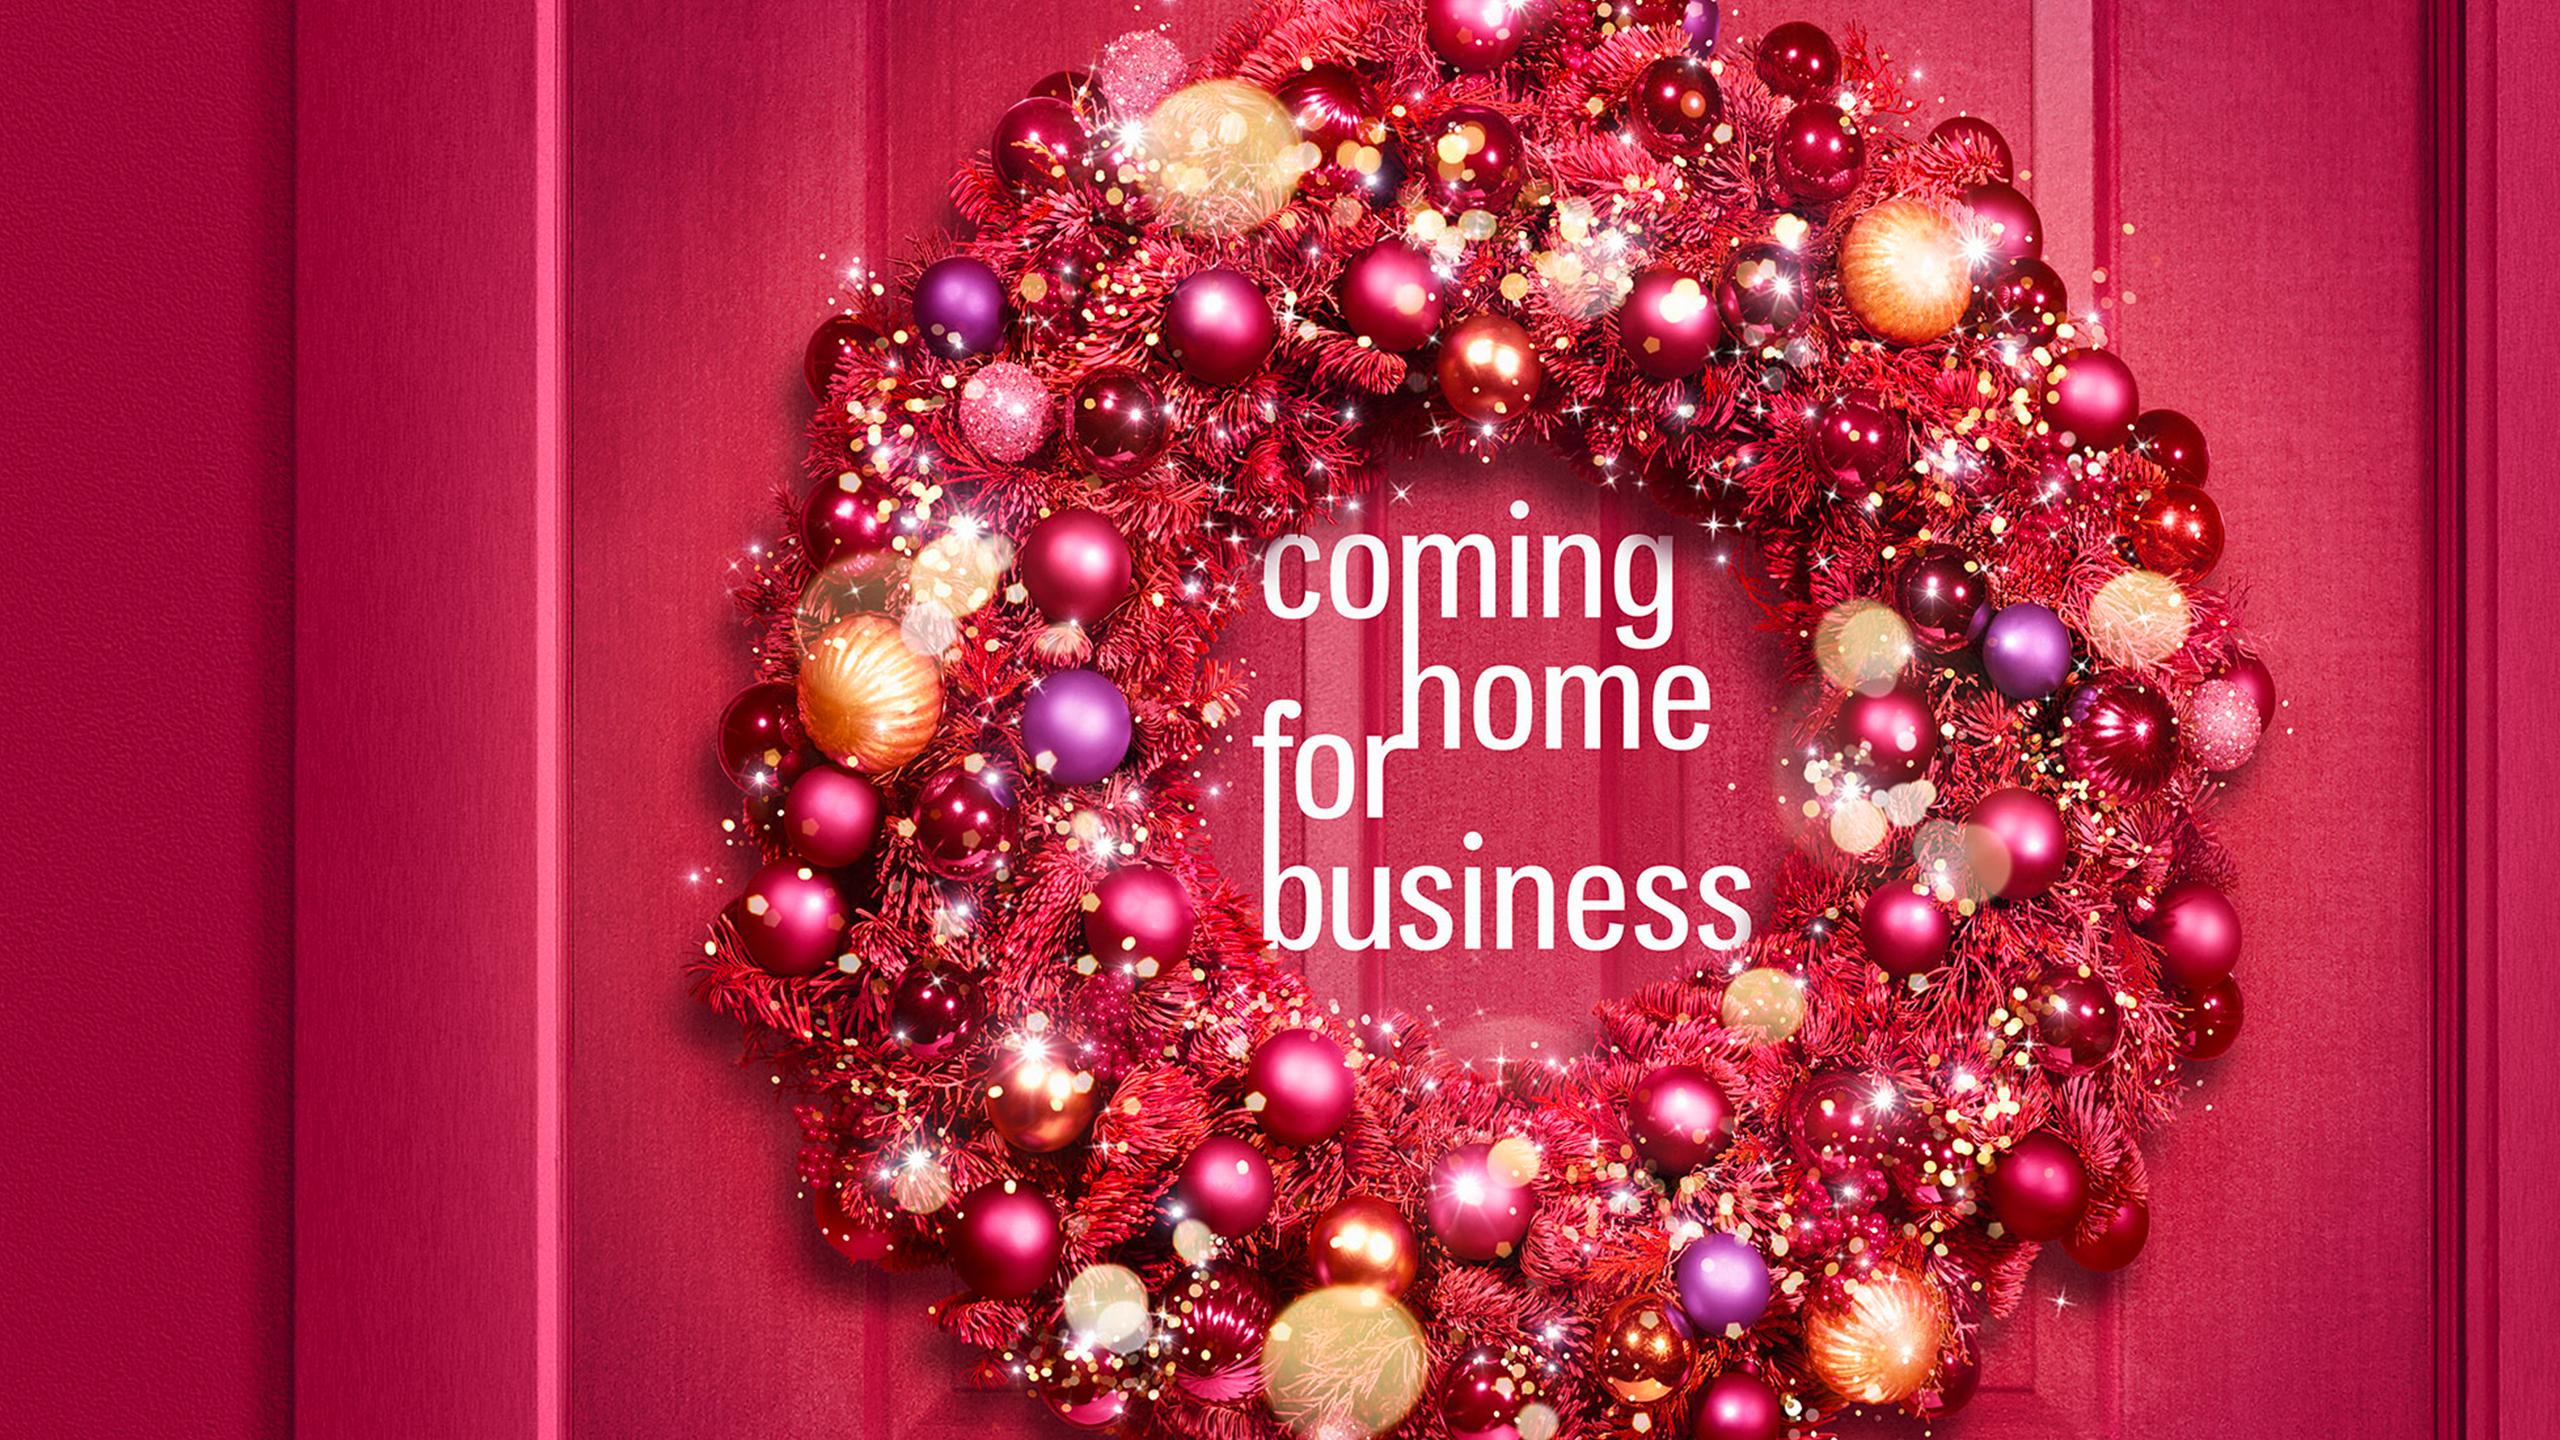 Christmasworld: International Trade Fair for Seasonal and